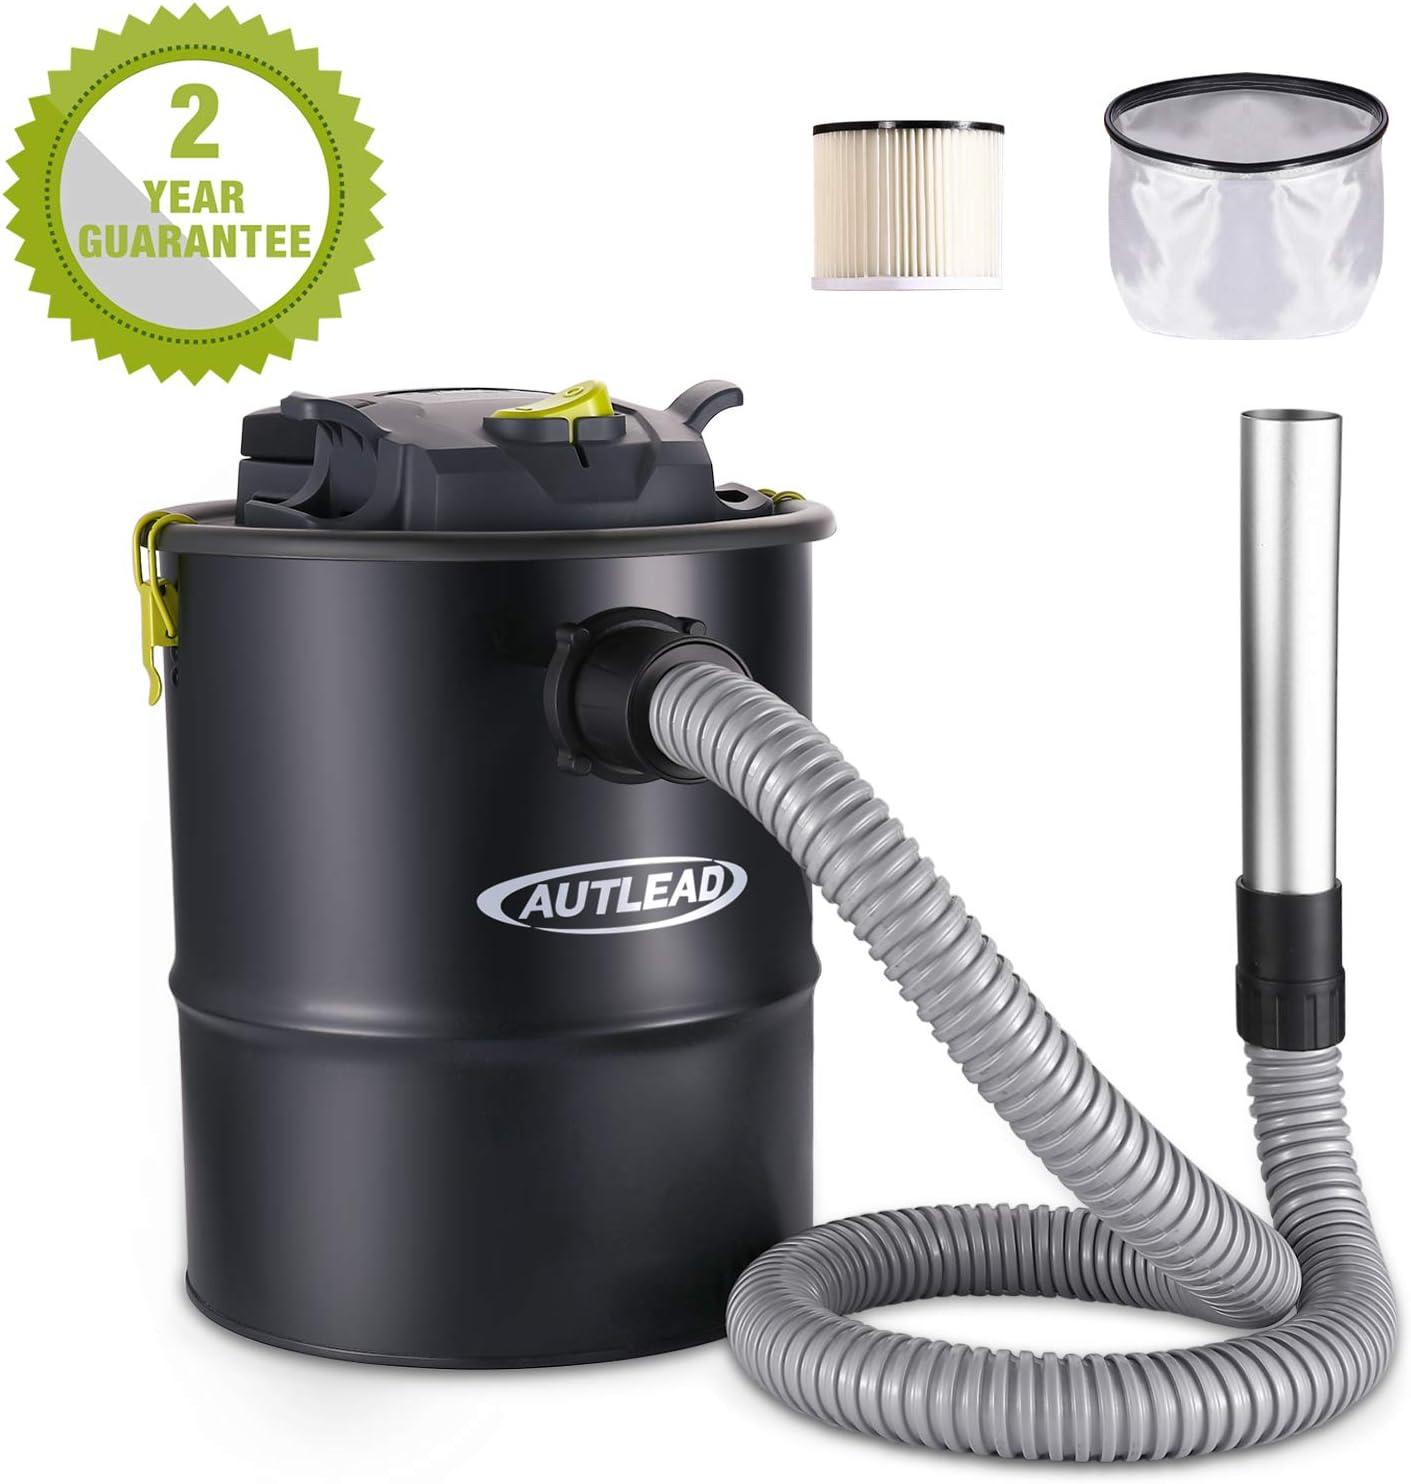 aspirador de cenizas, autlead 15L 900 W Cubo Aspiradora para chimenea, con filtro HEPA y bolsa anti-blocco resistente al Fuego, Motor de Cobre, para Playa, estufas, quemadores A cepas, parrillas wdh3 a: